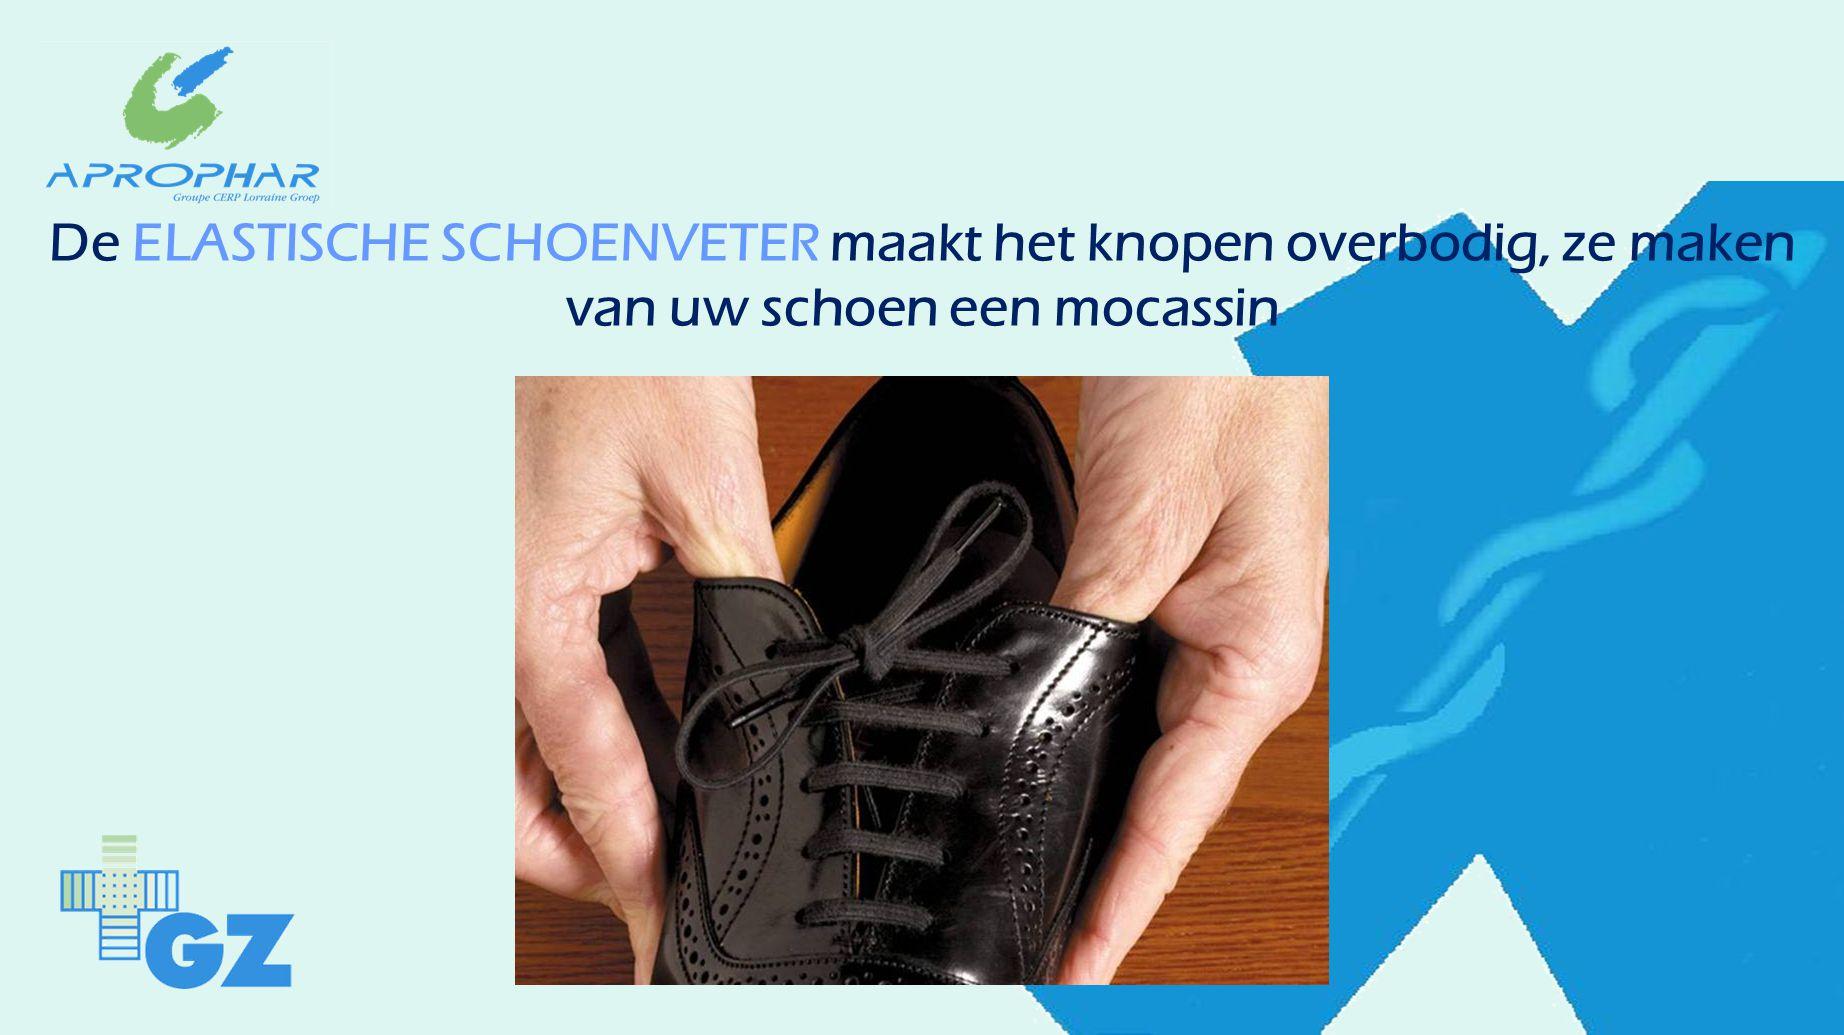 De ELASTISCHE SCHOENVETER maakt het knopen overbodig, ze maken van uw schoen een mocassin